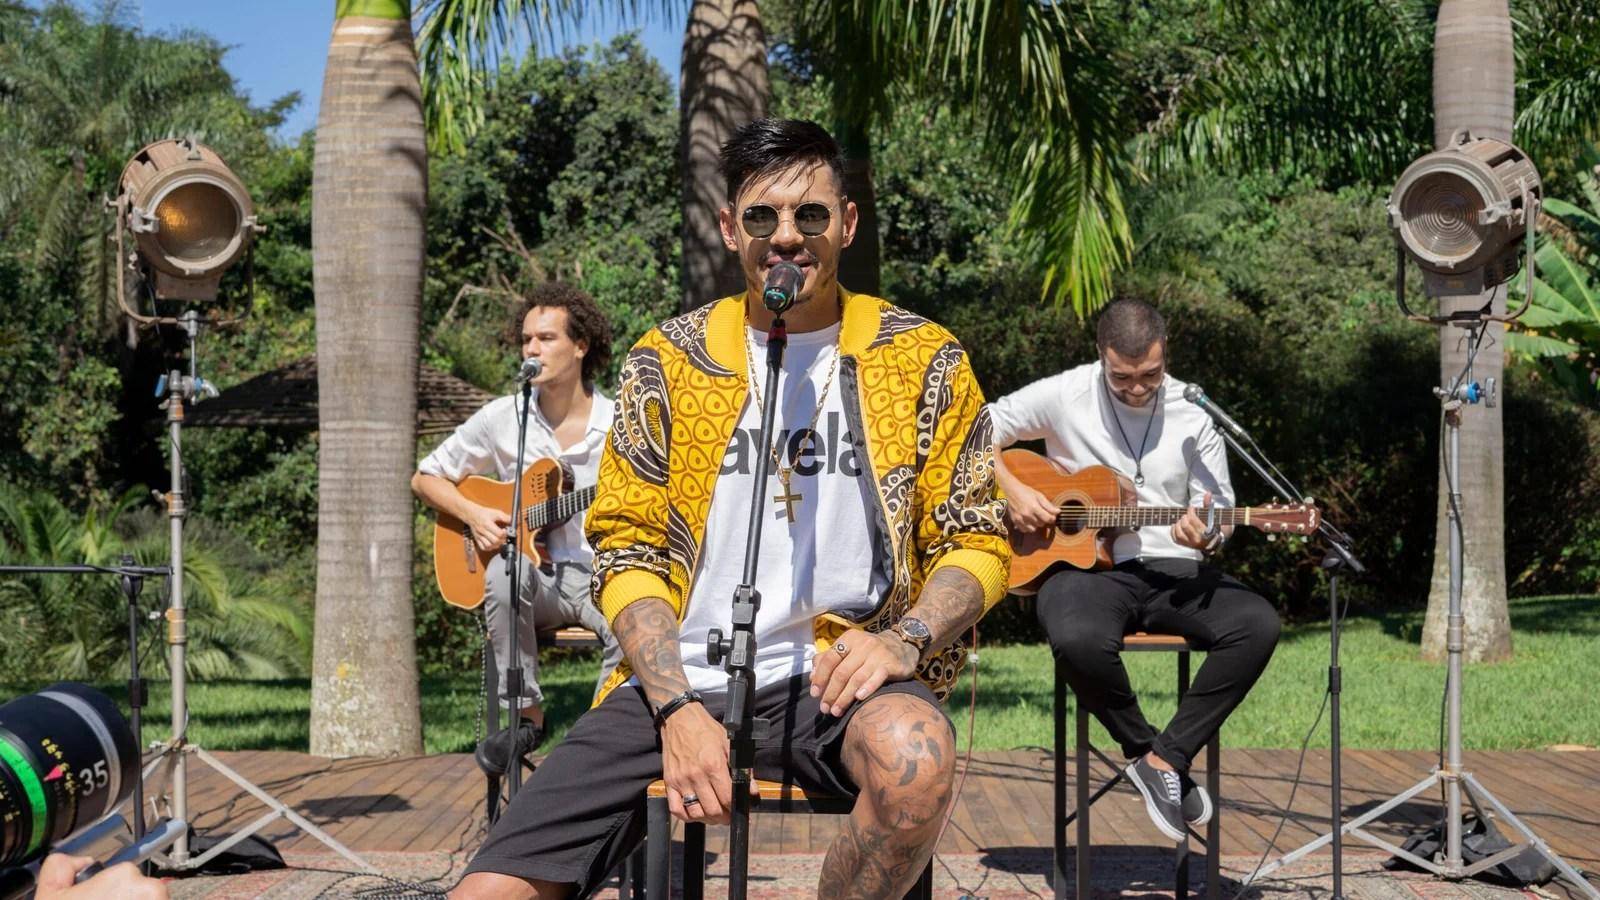 """Entrevista: Hungria Hip Hop revela curiosidades sobre """"Cheiro do Mato"""", seu novo projeto"""